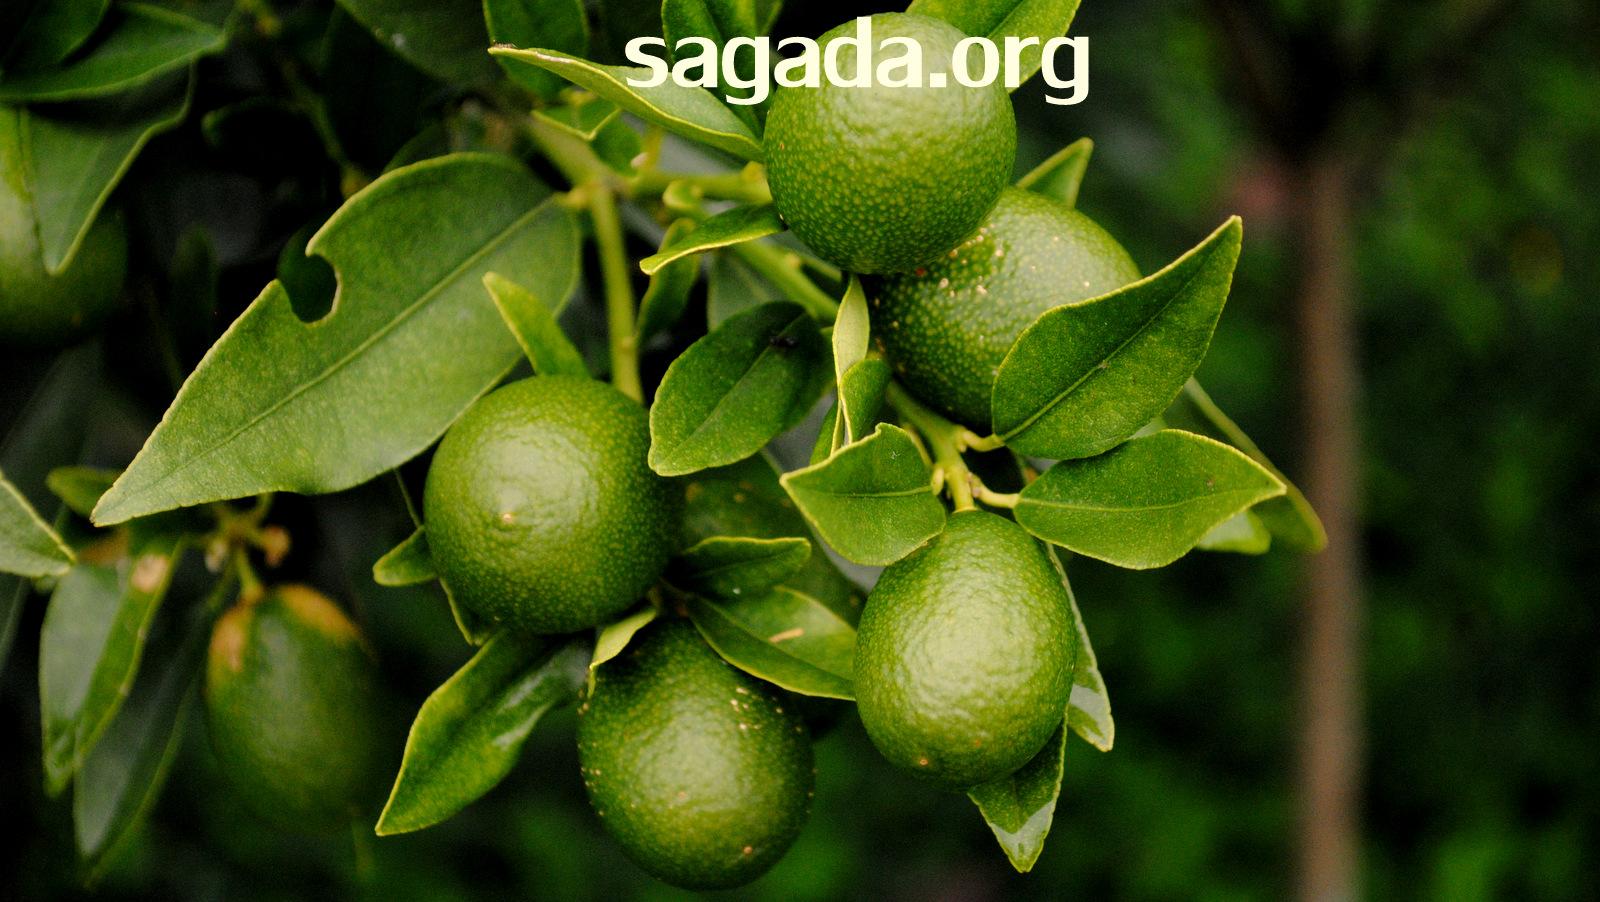 Balugan, Sagada: Oranges 2011